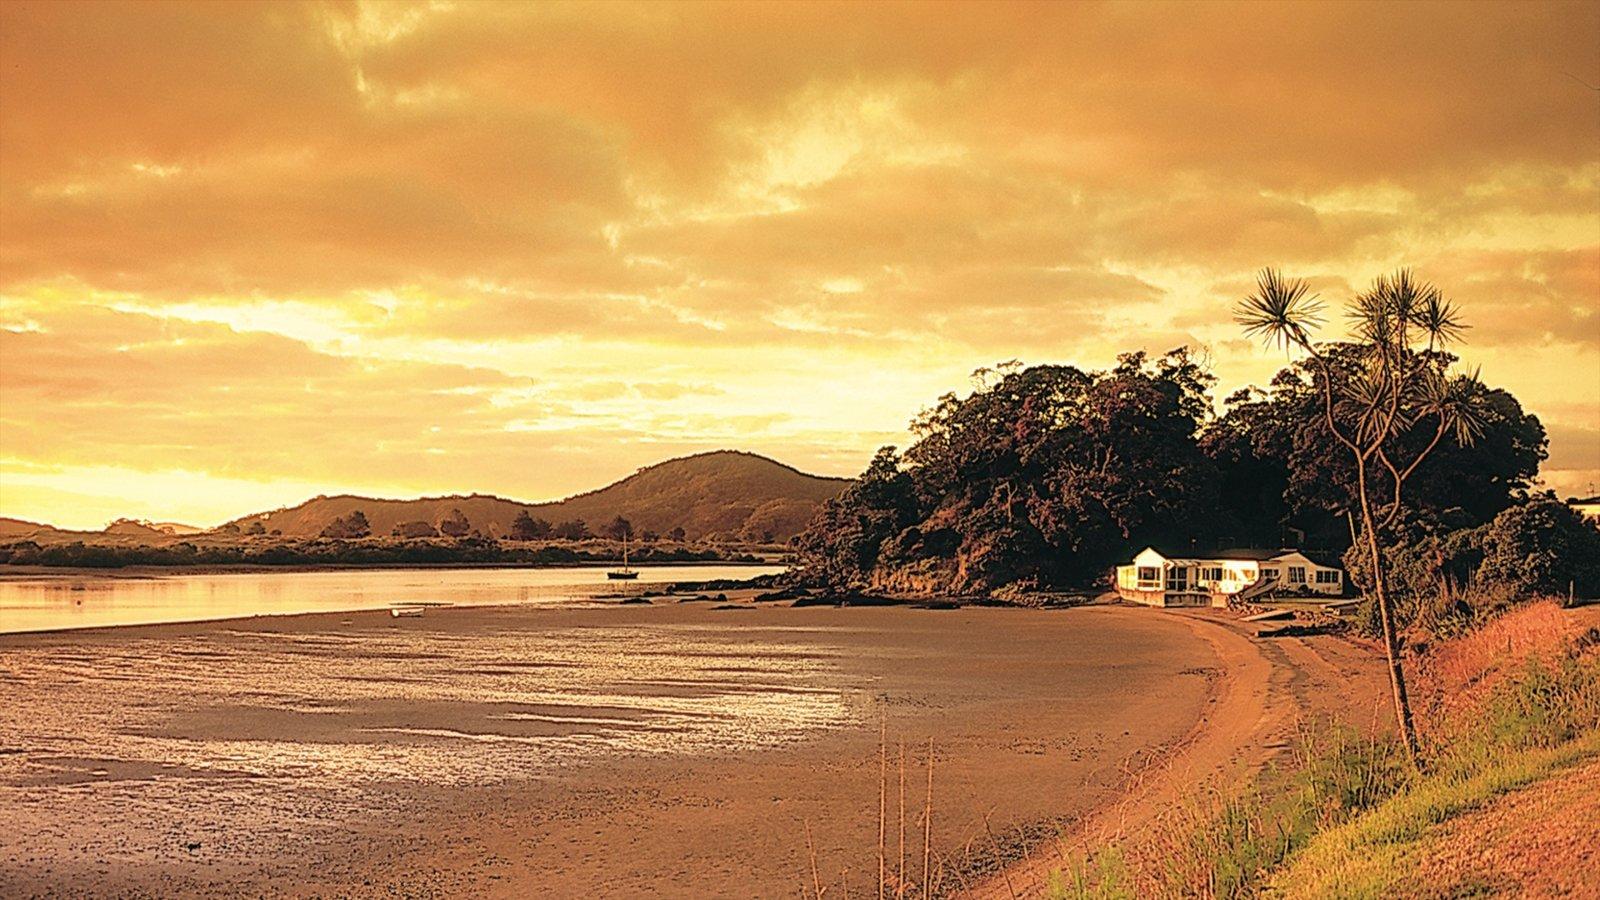 Northland que incluye una playa, vistas de paisajes y una puesta de sol